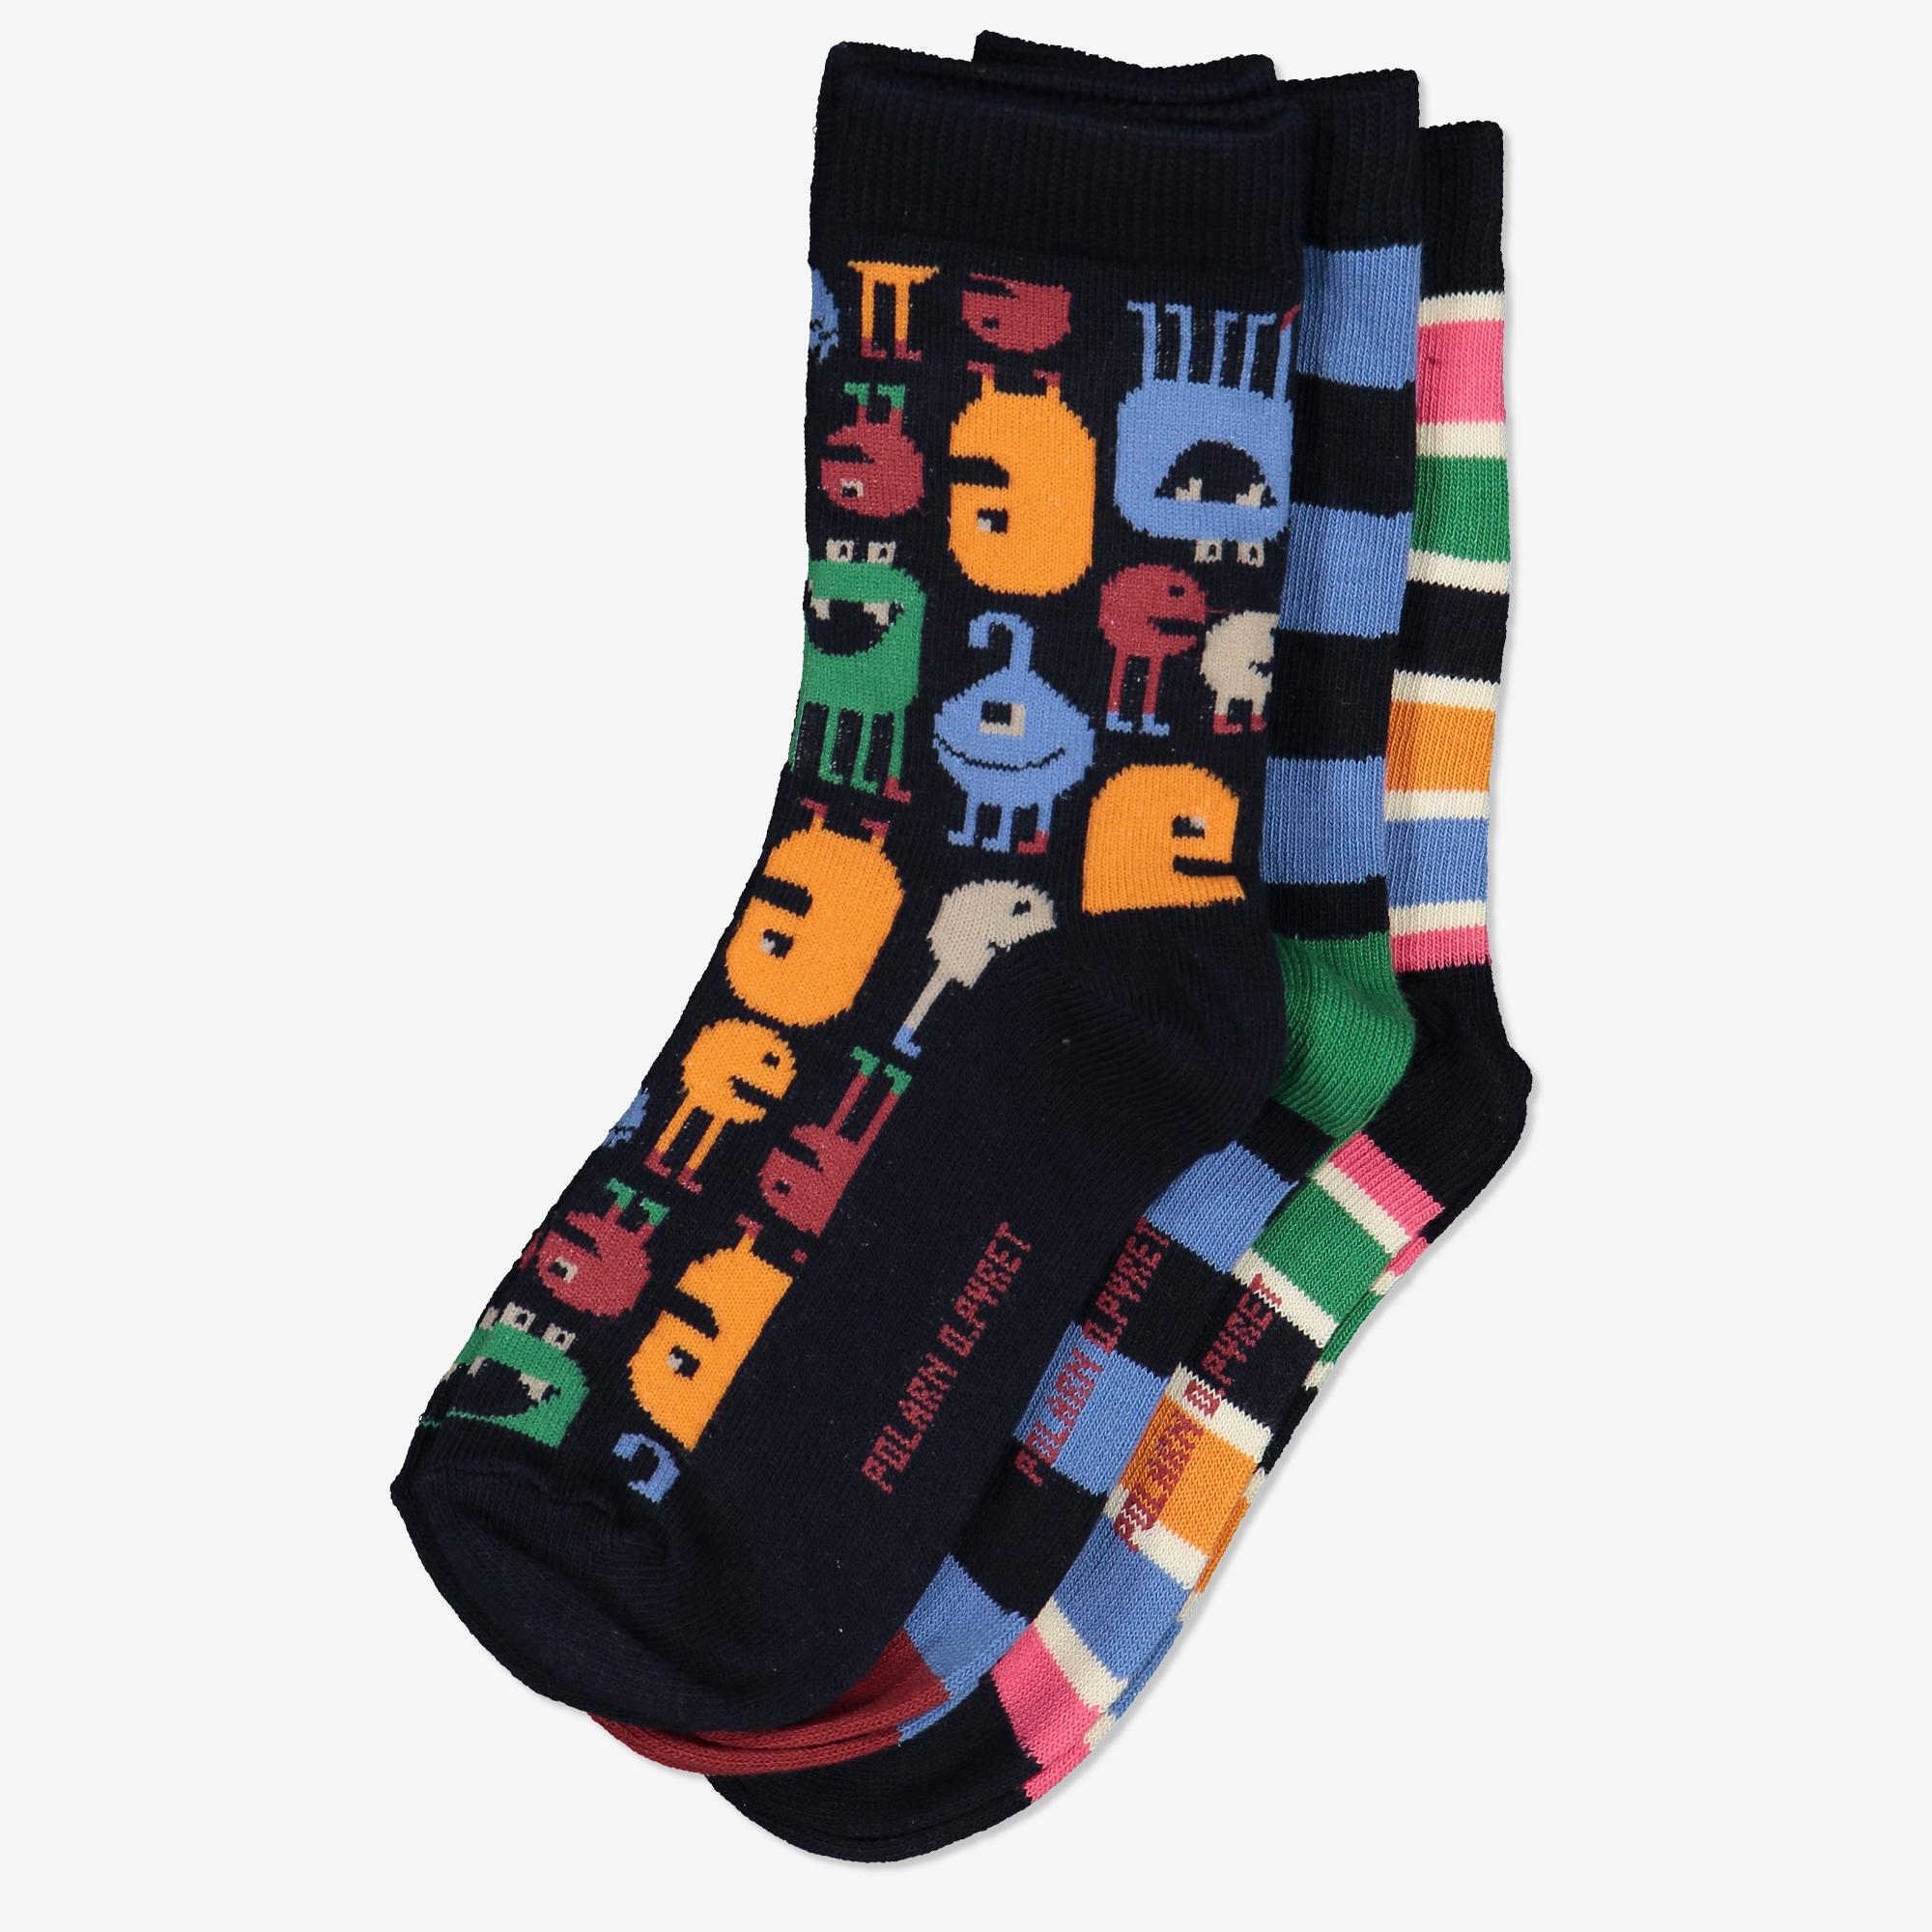 87c130587 Sokker til barn | Klær som forenkler hverdagen | Polarnopyret.no